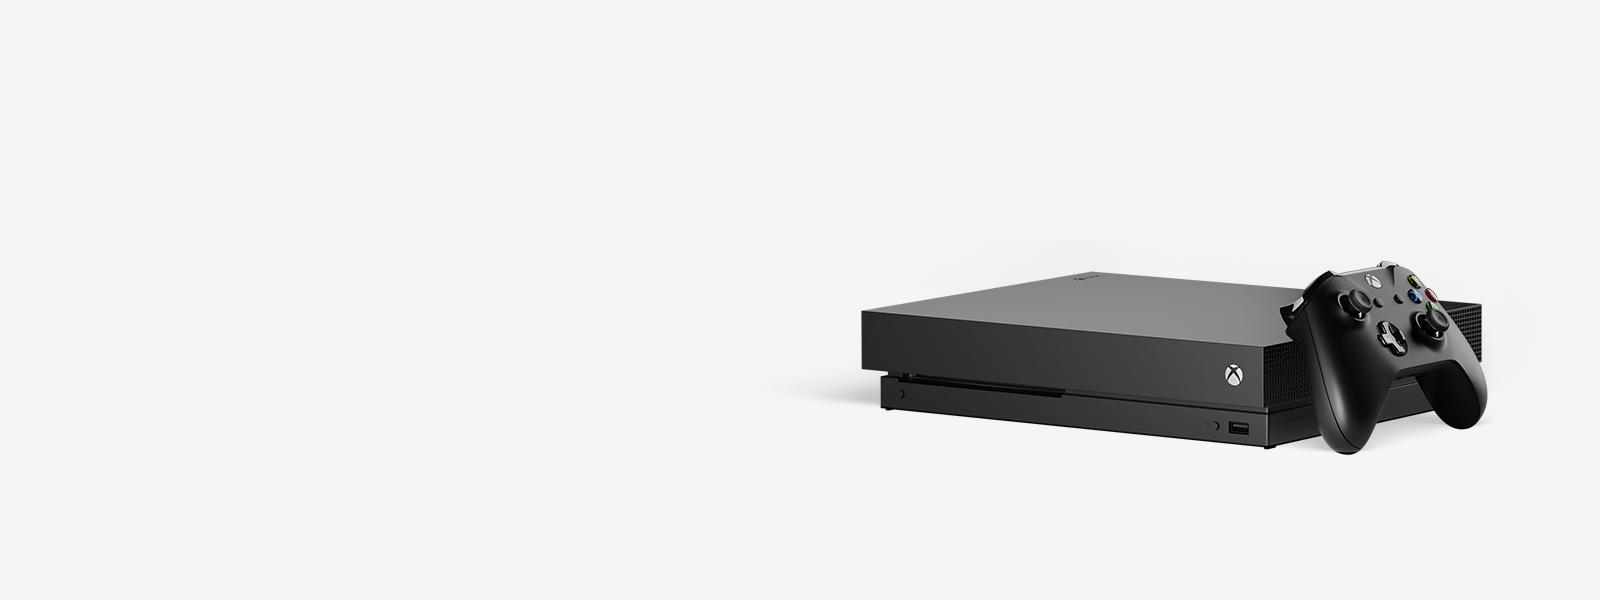 Xbox One X 1TB 消光黑